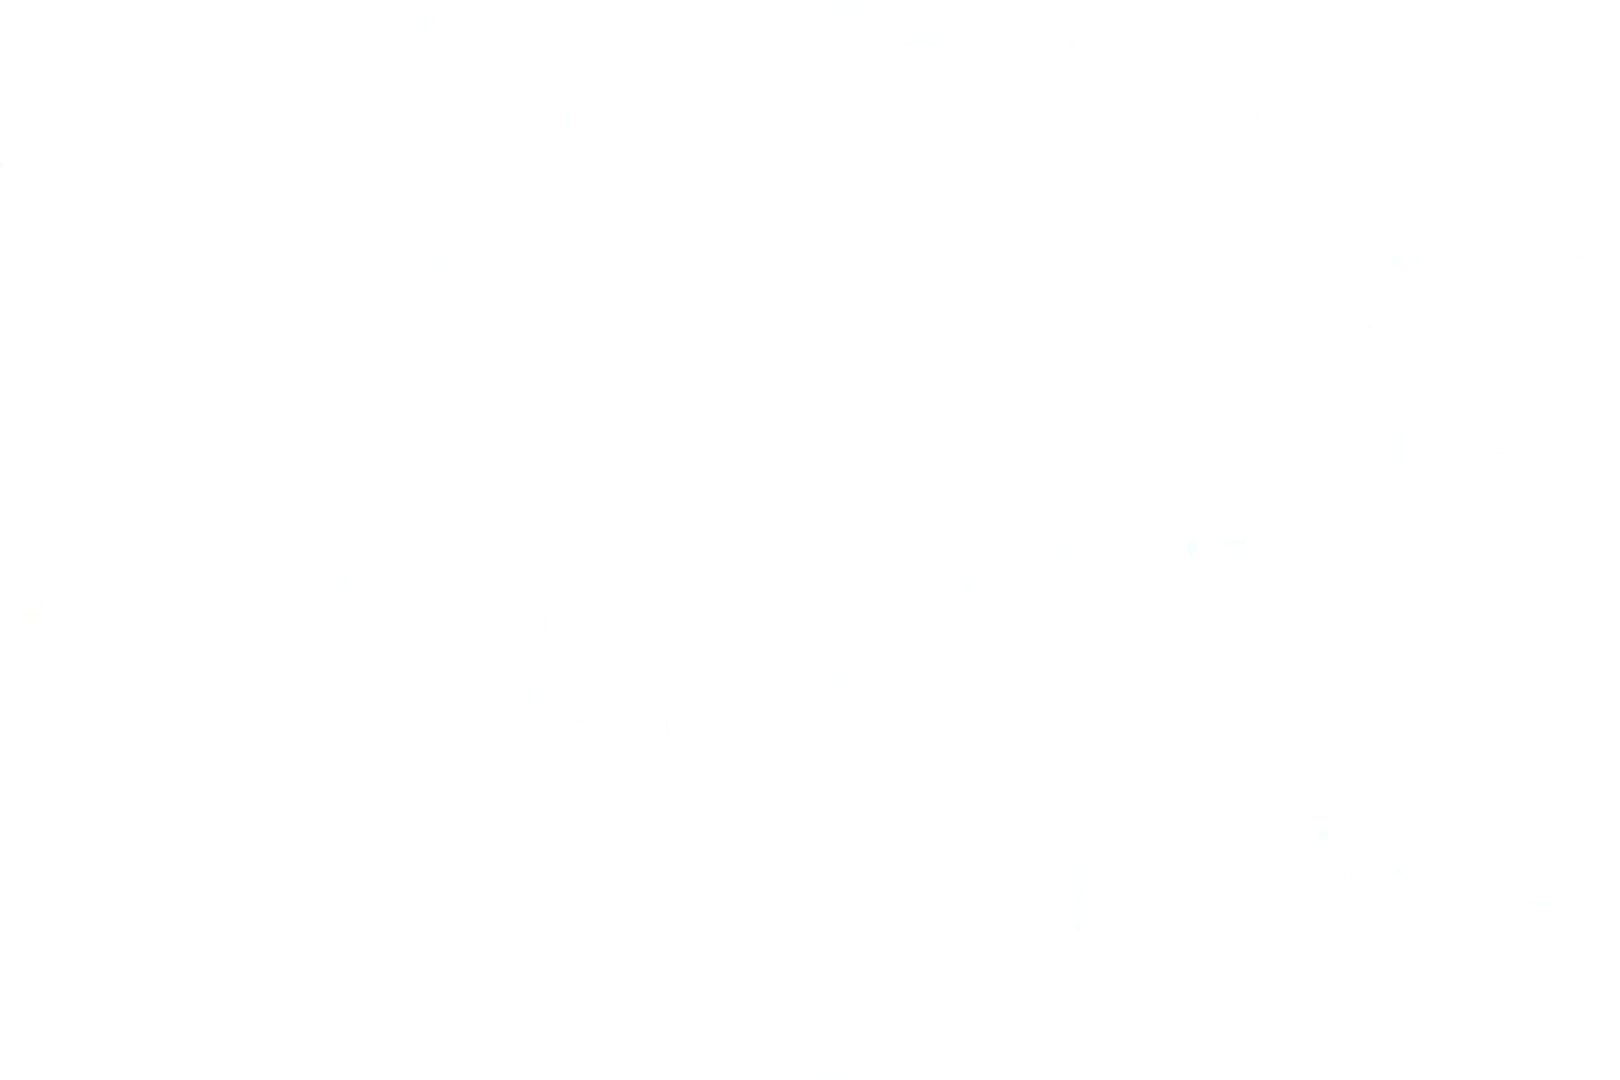 充血監督の深夜の運動会Vol.11 マンコ スケベ動画紹介 102連発 87